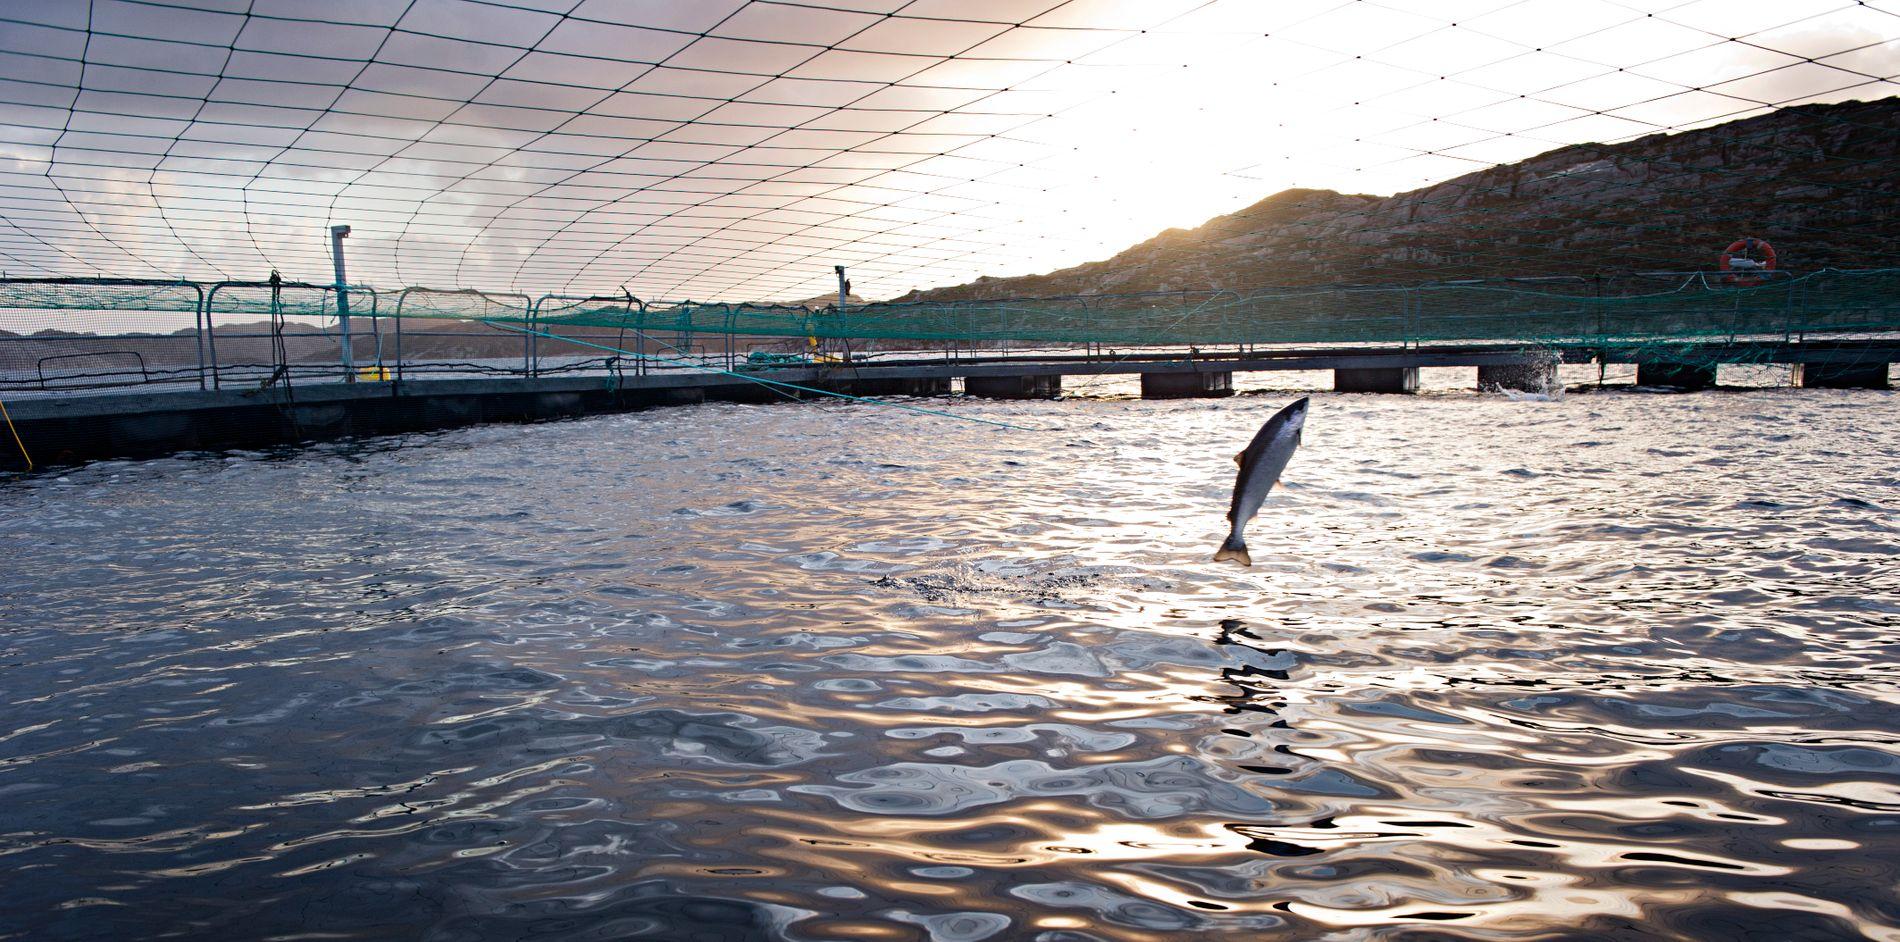 OPPDRETT SKAPER KONFLIKT: – Bransjen fremstår som arrogant og lite lydhør overfor bekymringene fra forskere og tradisjonelle fiskere, mener Anne Rokkan.